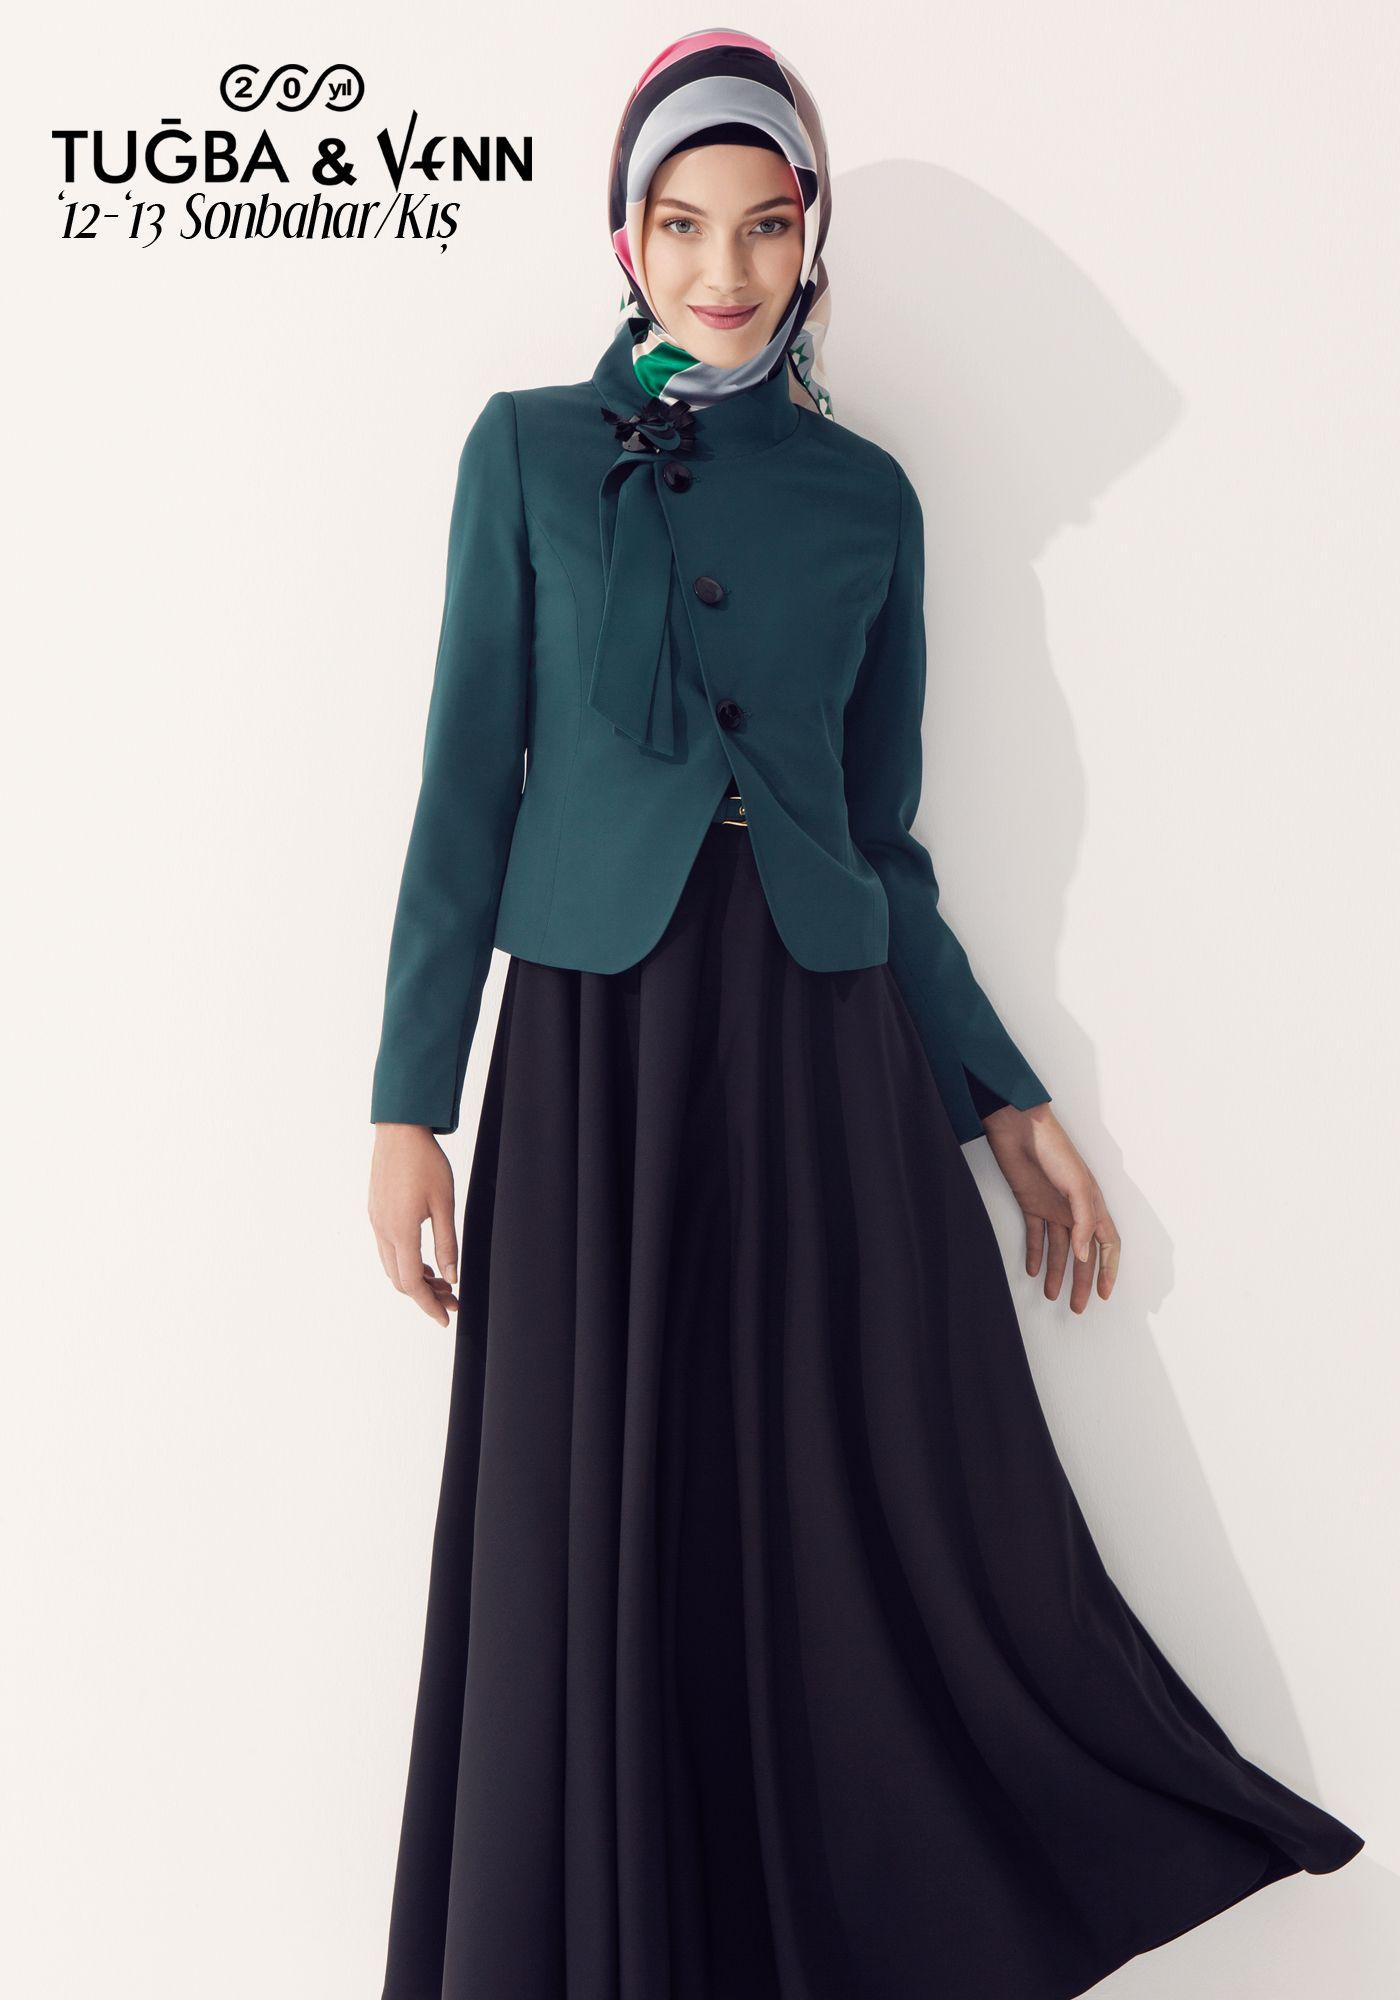 Tuğba & Venn 12 13 Sonbahar Kış Hijab Jacket with Dress 12 13 Sonbahar Kış Pinterest